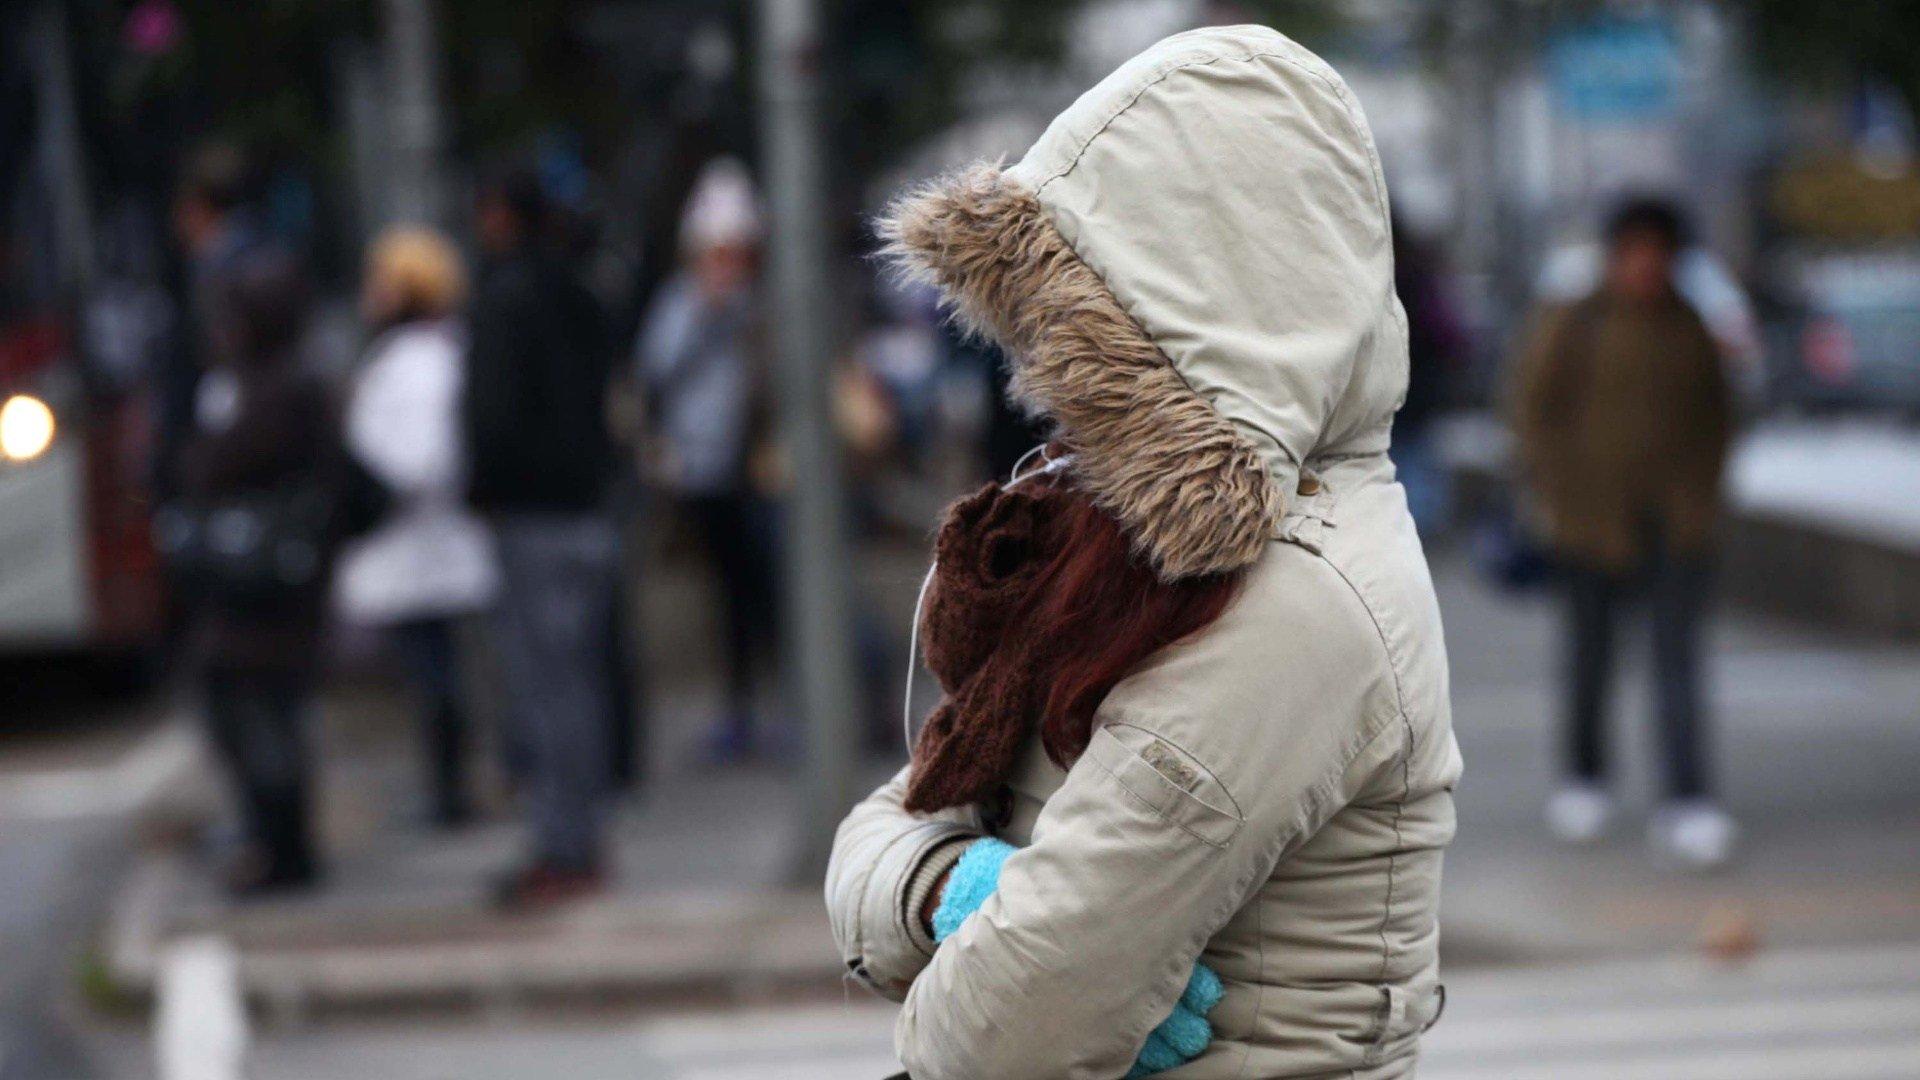 15ago2013-pedestre-enfrenta-forte-frio-na-manha-desta-quinta-feira-15-na-avenida-ibirapuera-zona-sul-de-sao-paulo-1376566312279_1920x1080